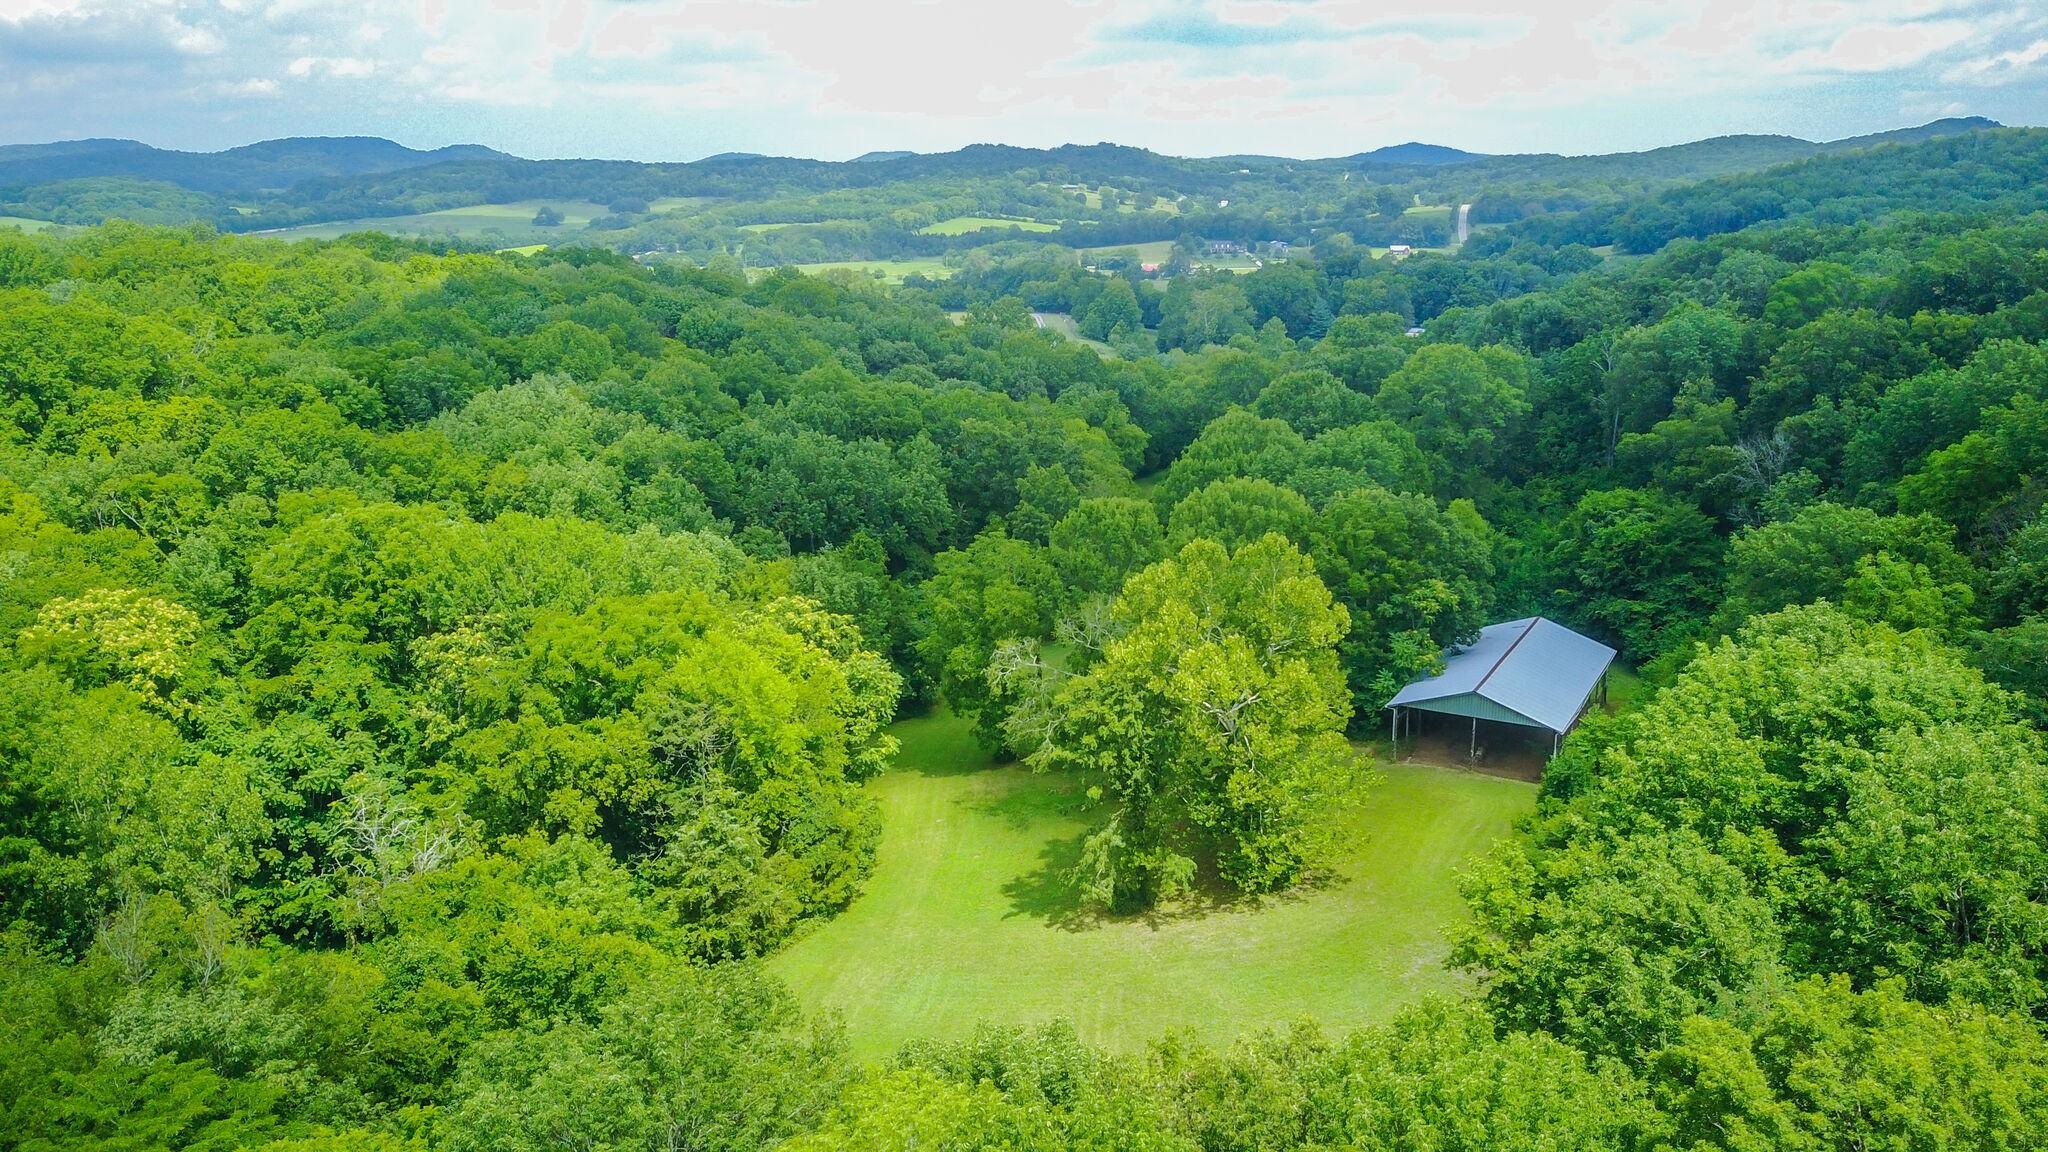 0 Henry Allen Ln Property Photo - Nolensville, TN real estate listing